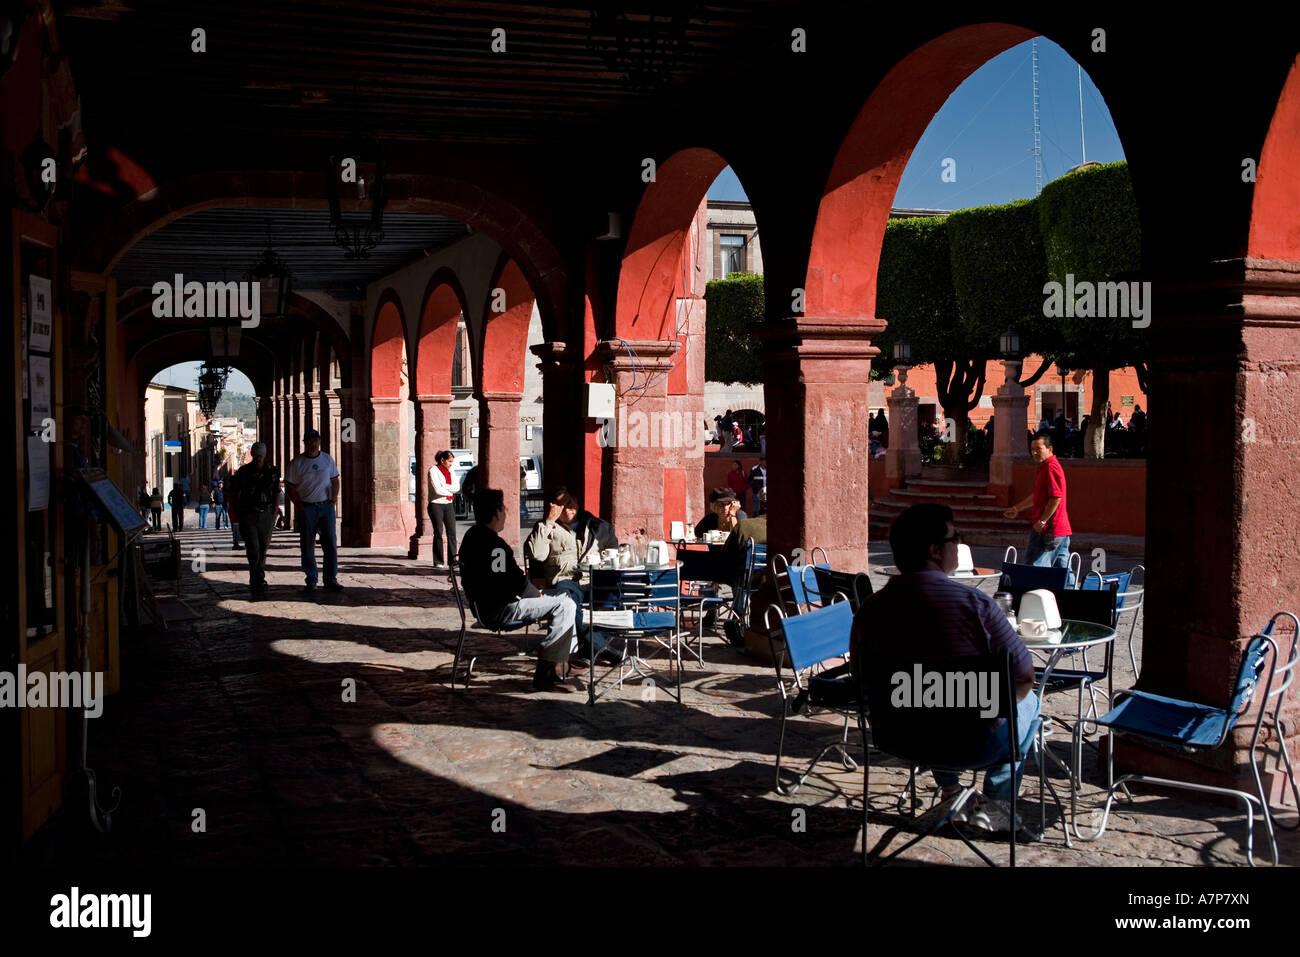 Jardin Principal, San Miguel de Allende, Guanajuato state, Mexico - Stock Image